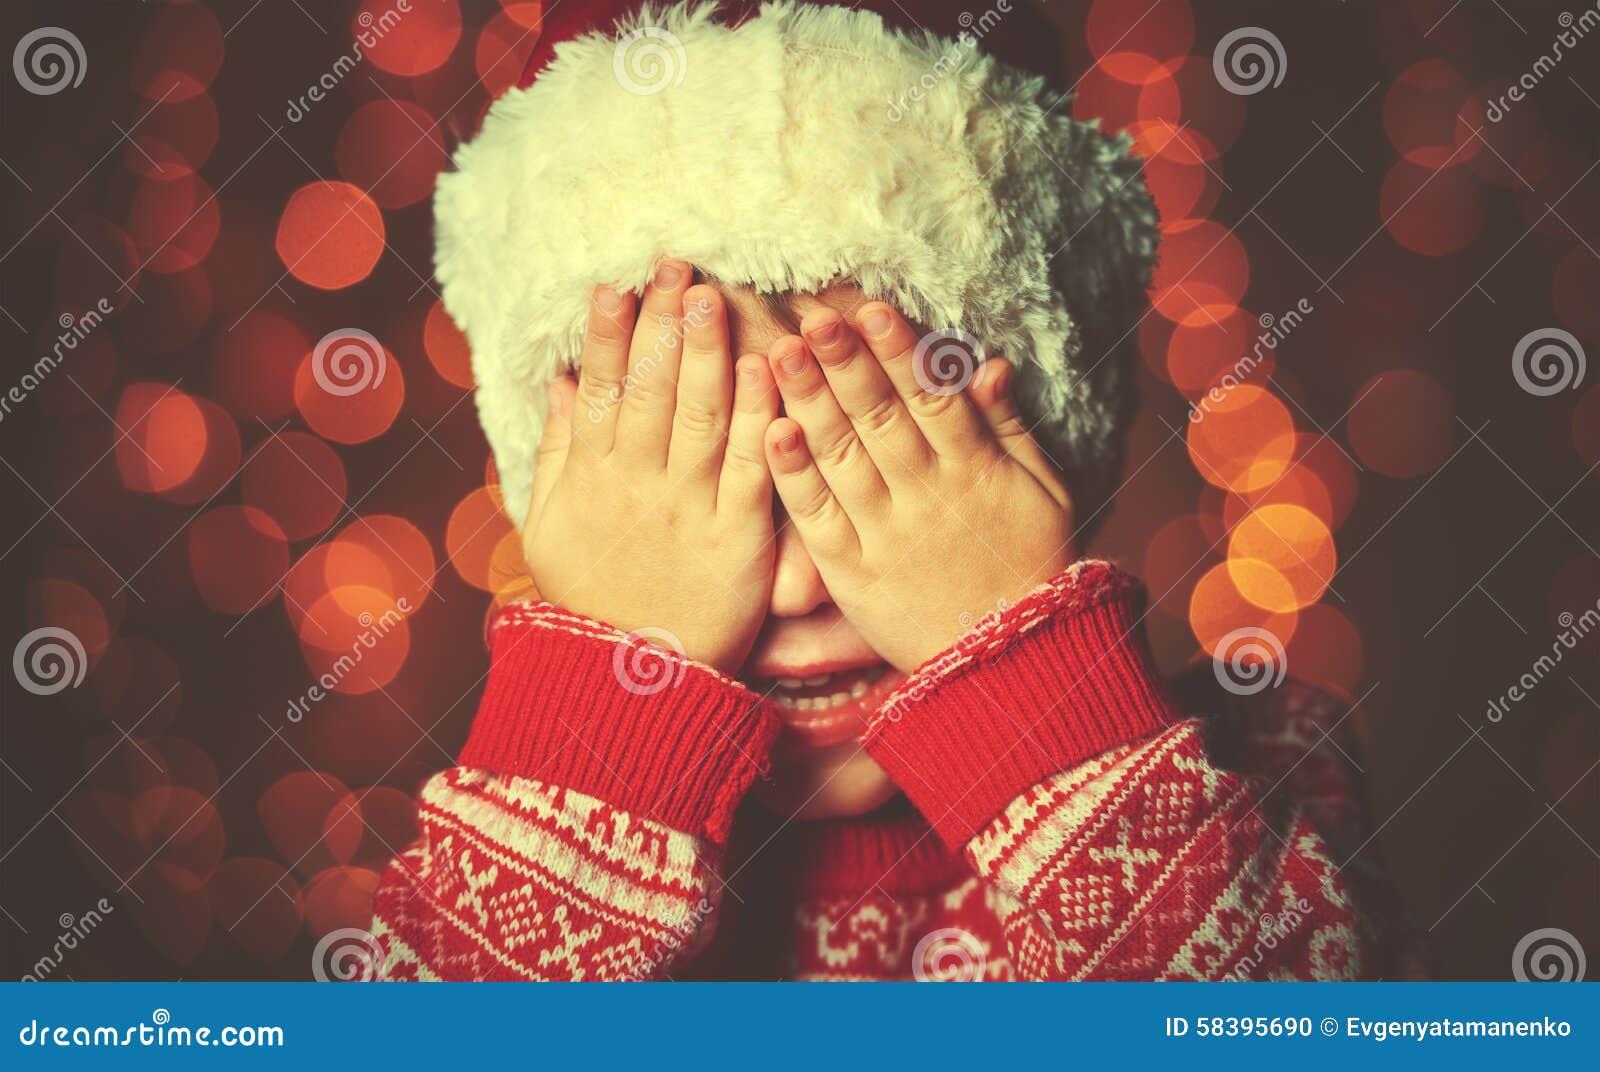 Маленькая девочка в ожидании чудо рождества и подарок